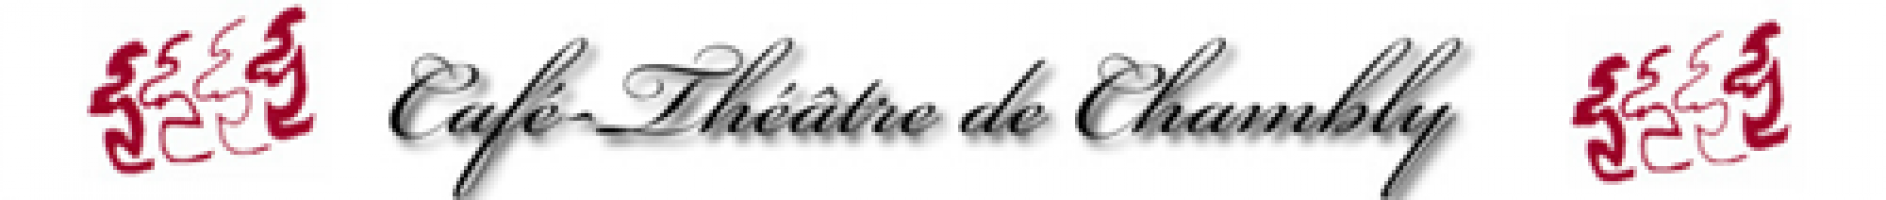 Le Fantôme de l'opéra Un texte d'Emily Gervais, inspiré de l'oeuvre de Gaston Leroux